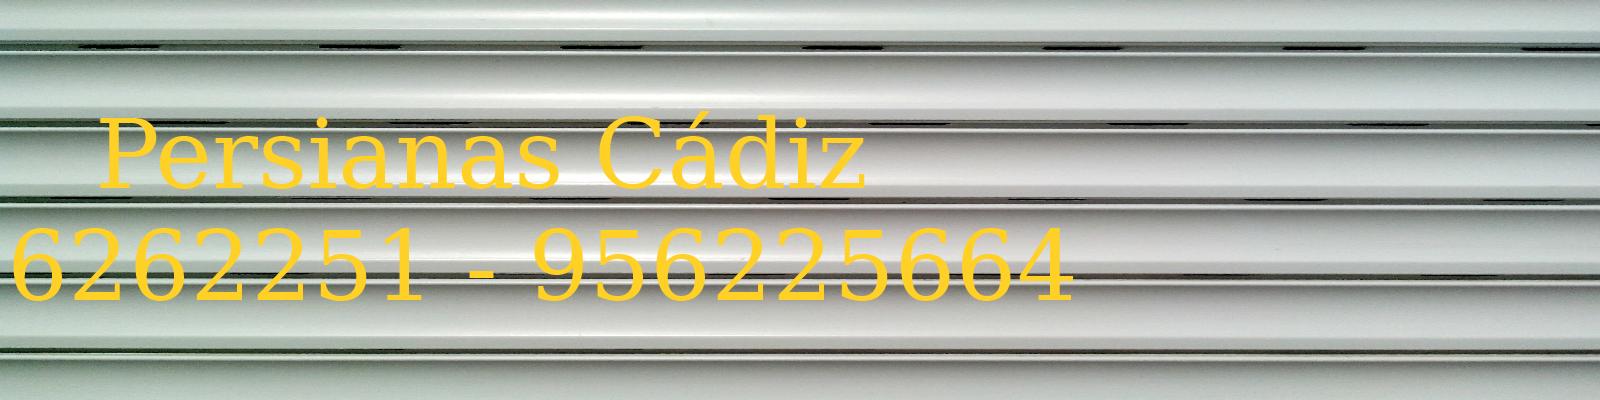 Logo Persianas Cádiz